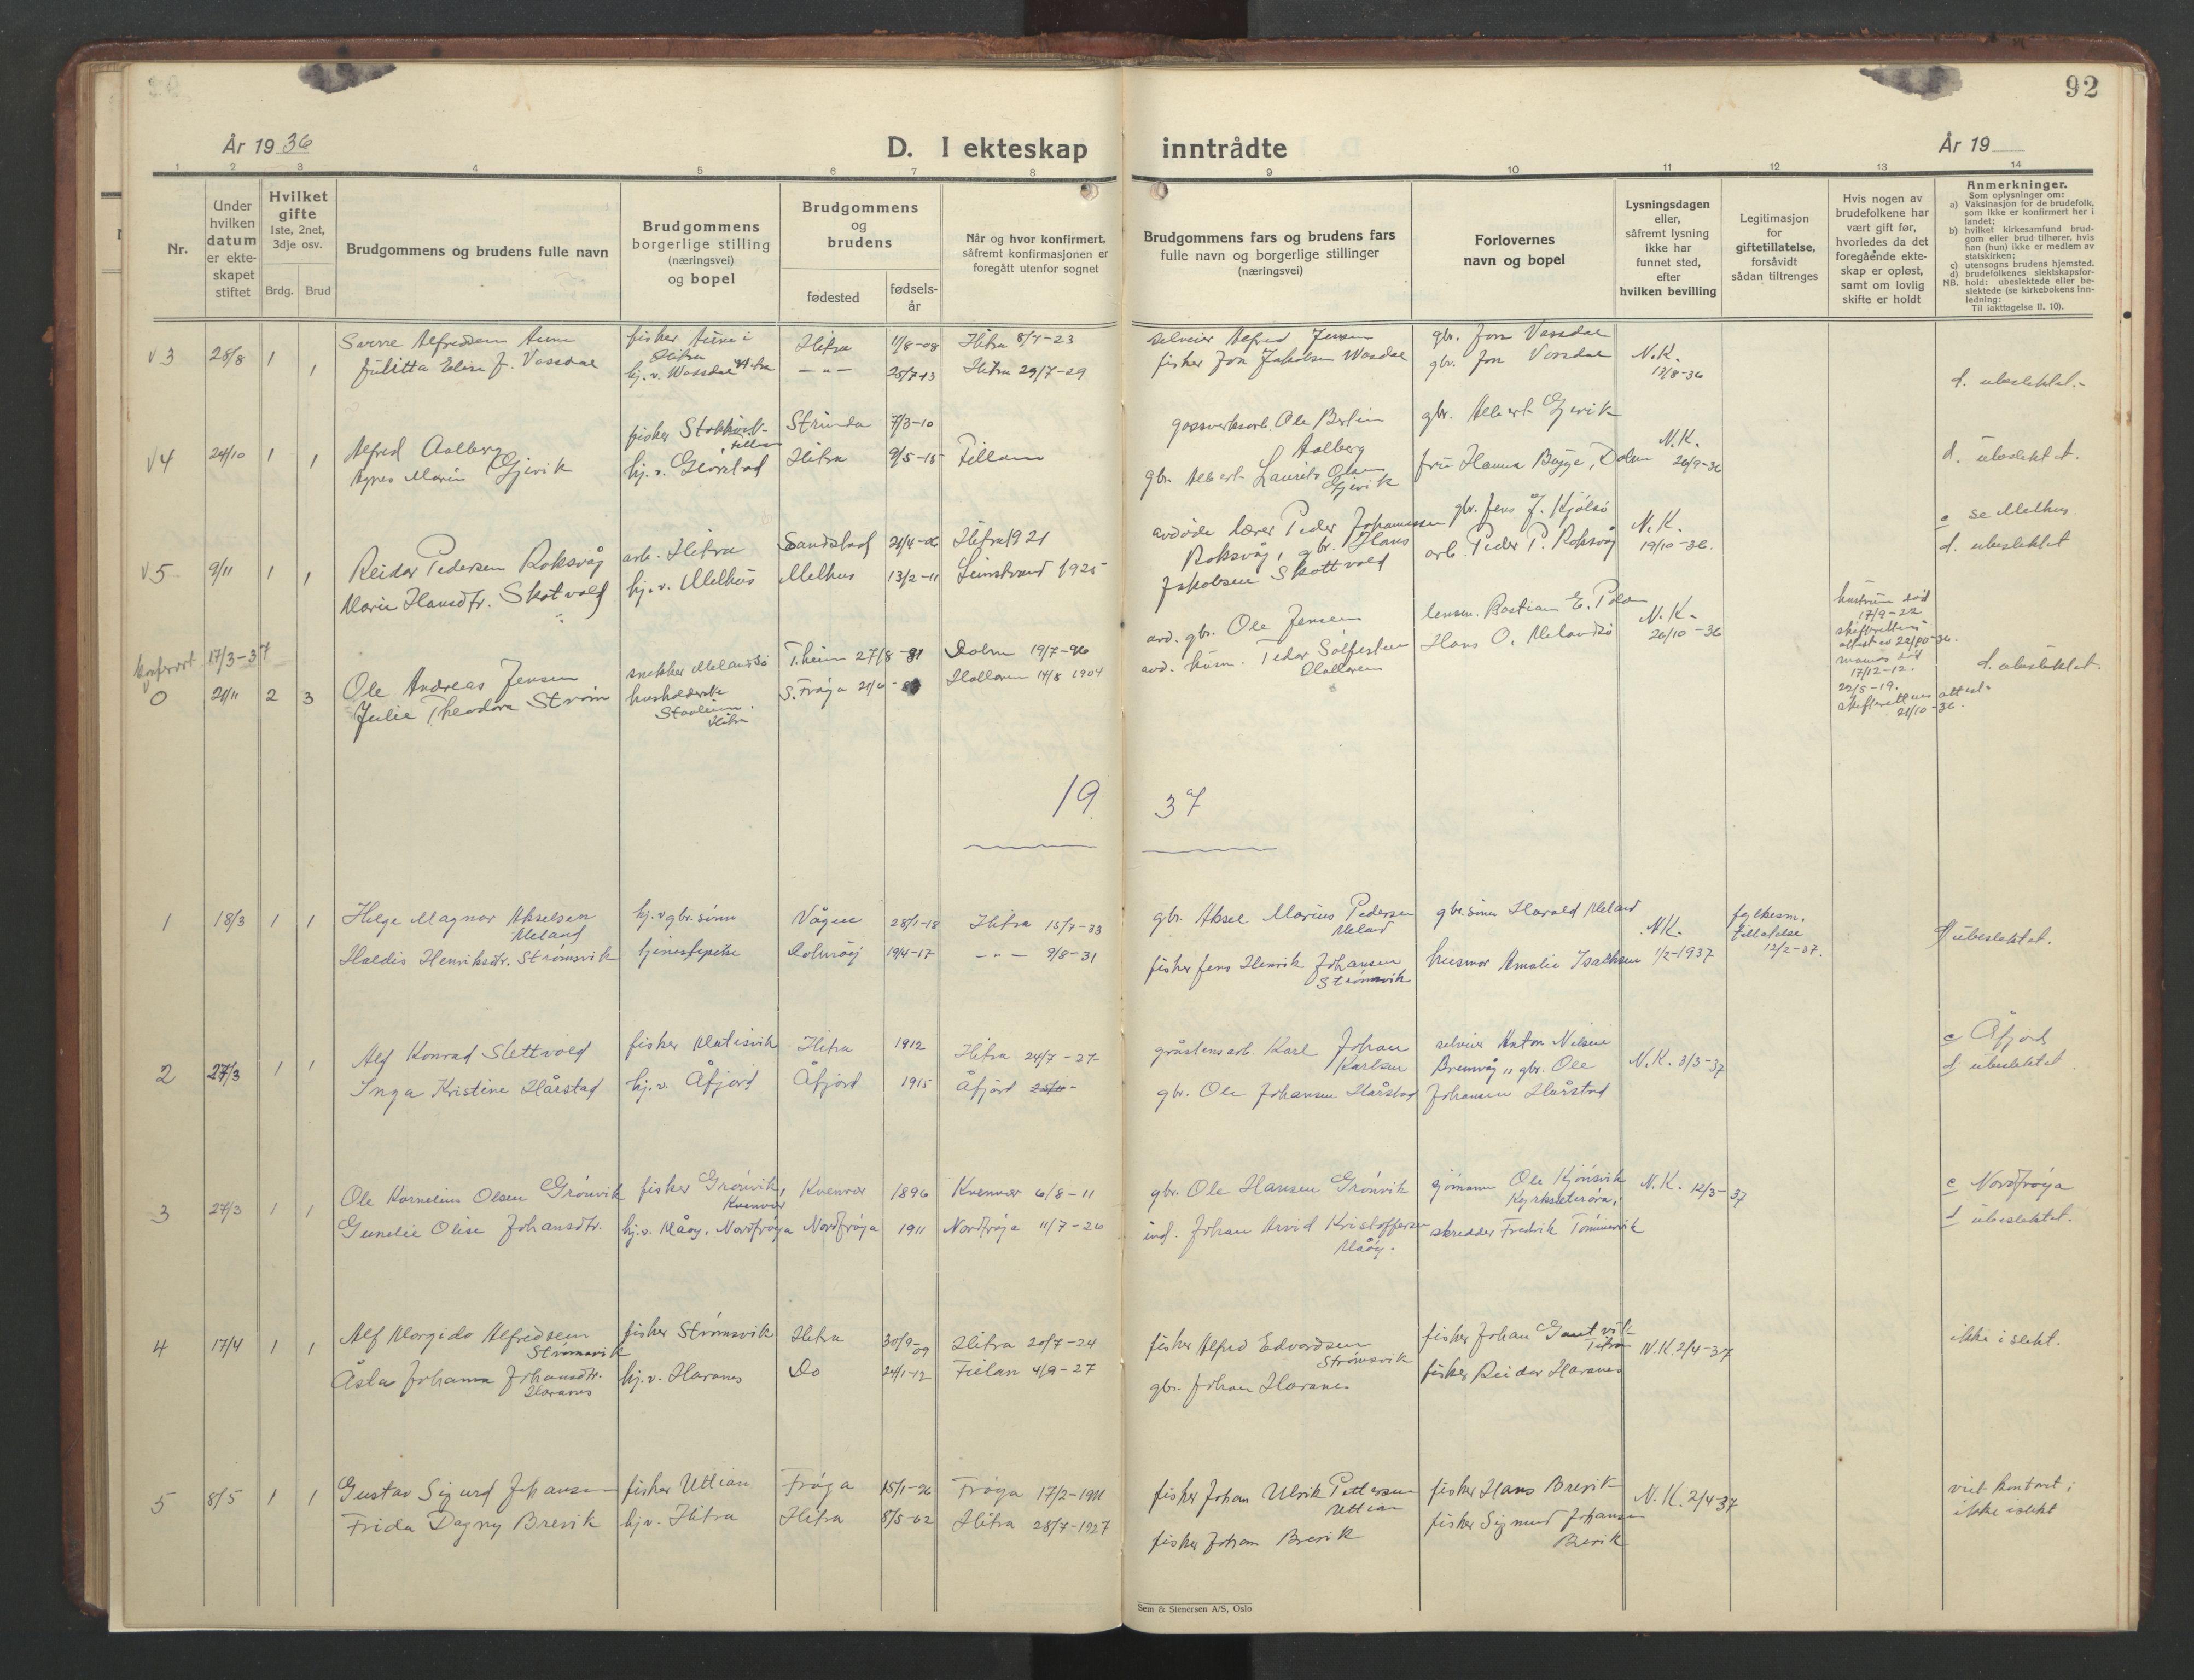 SAT, Ministerialprotokoller, klokkerbøker og fødselsregistre - Sør-Trøndelag, 634/L0544: Klokkerbok nr. 634C06, 1927-1948, s. 92